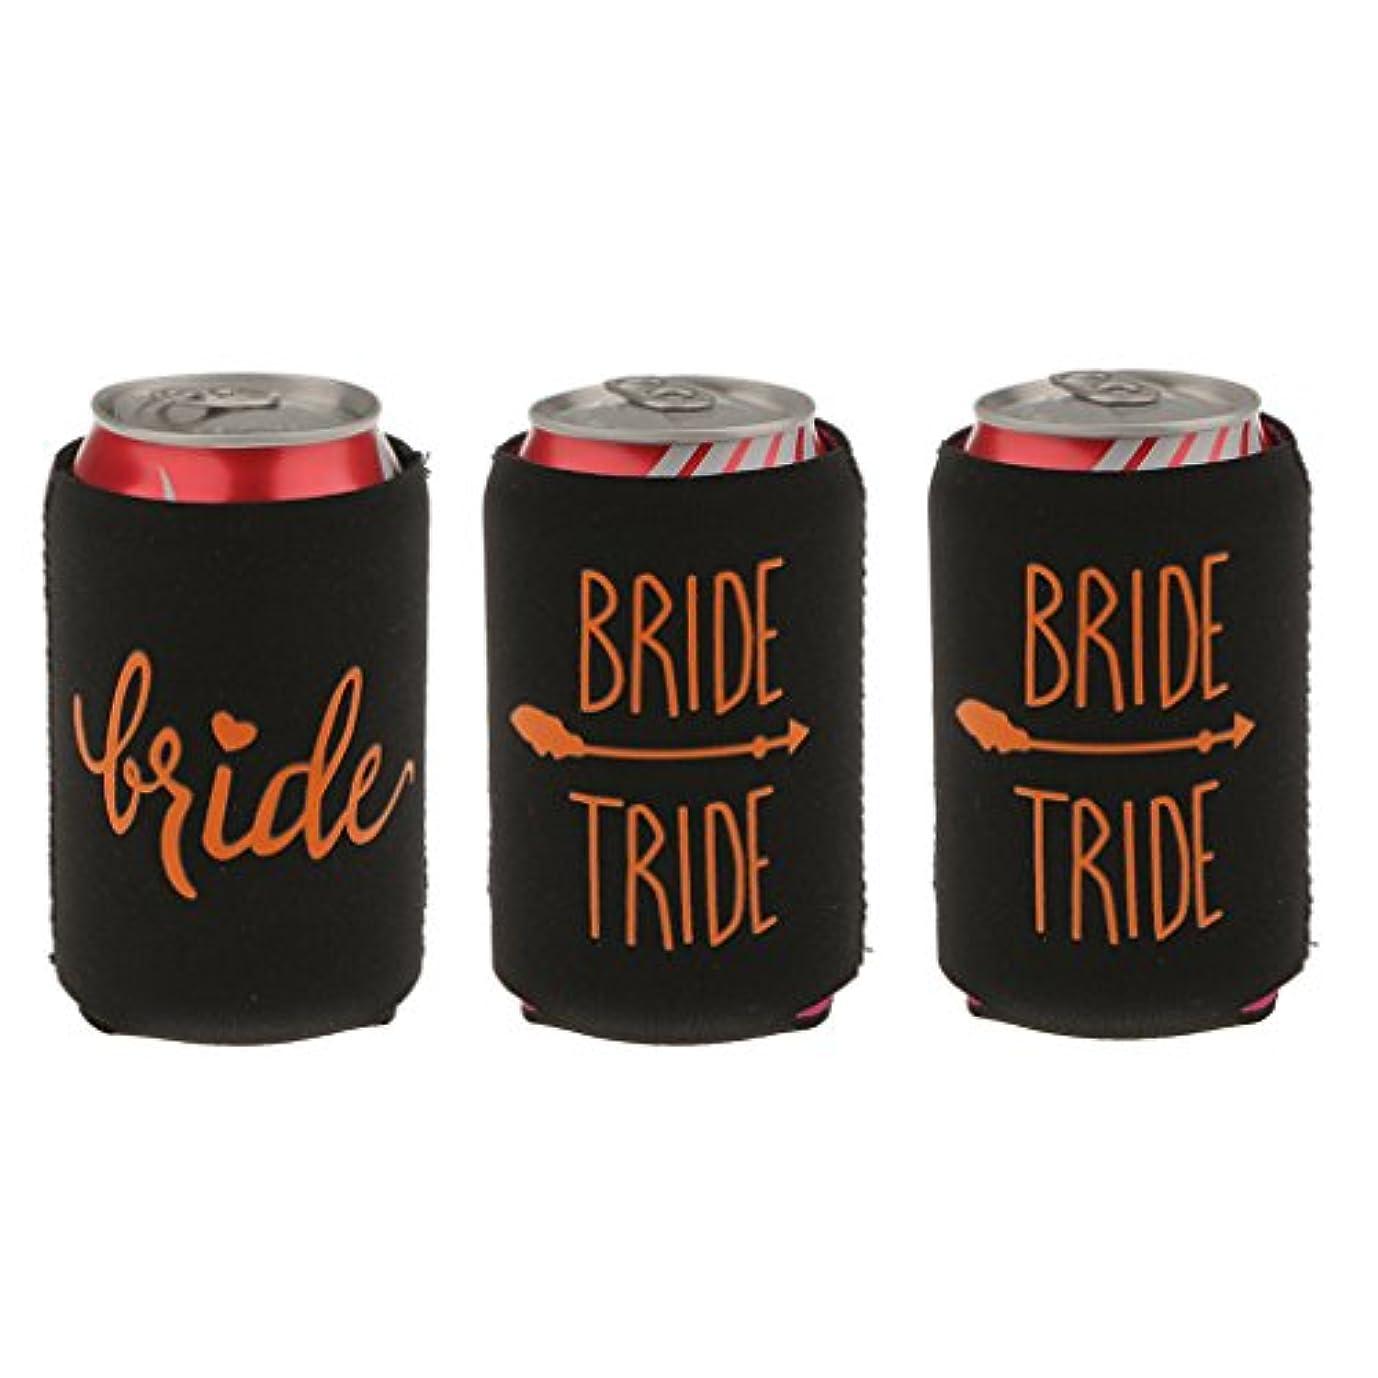 金貸し正午負担3枚セット 缶クーラー スリーブ カバー 缶クージー スズ 保冷 保温 ビール コーヒー ネオプレン